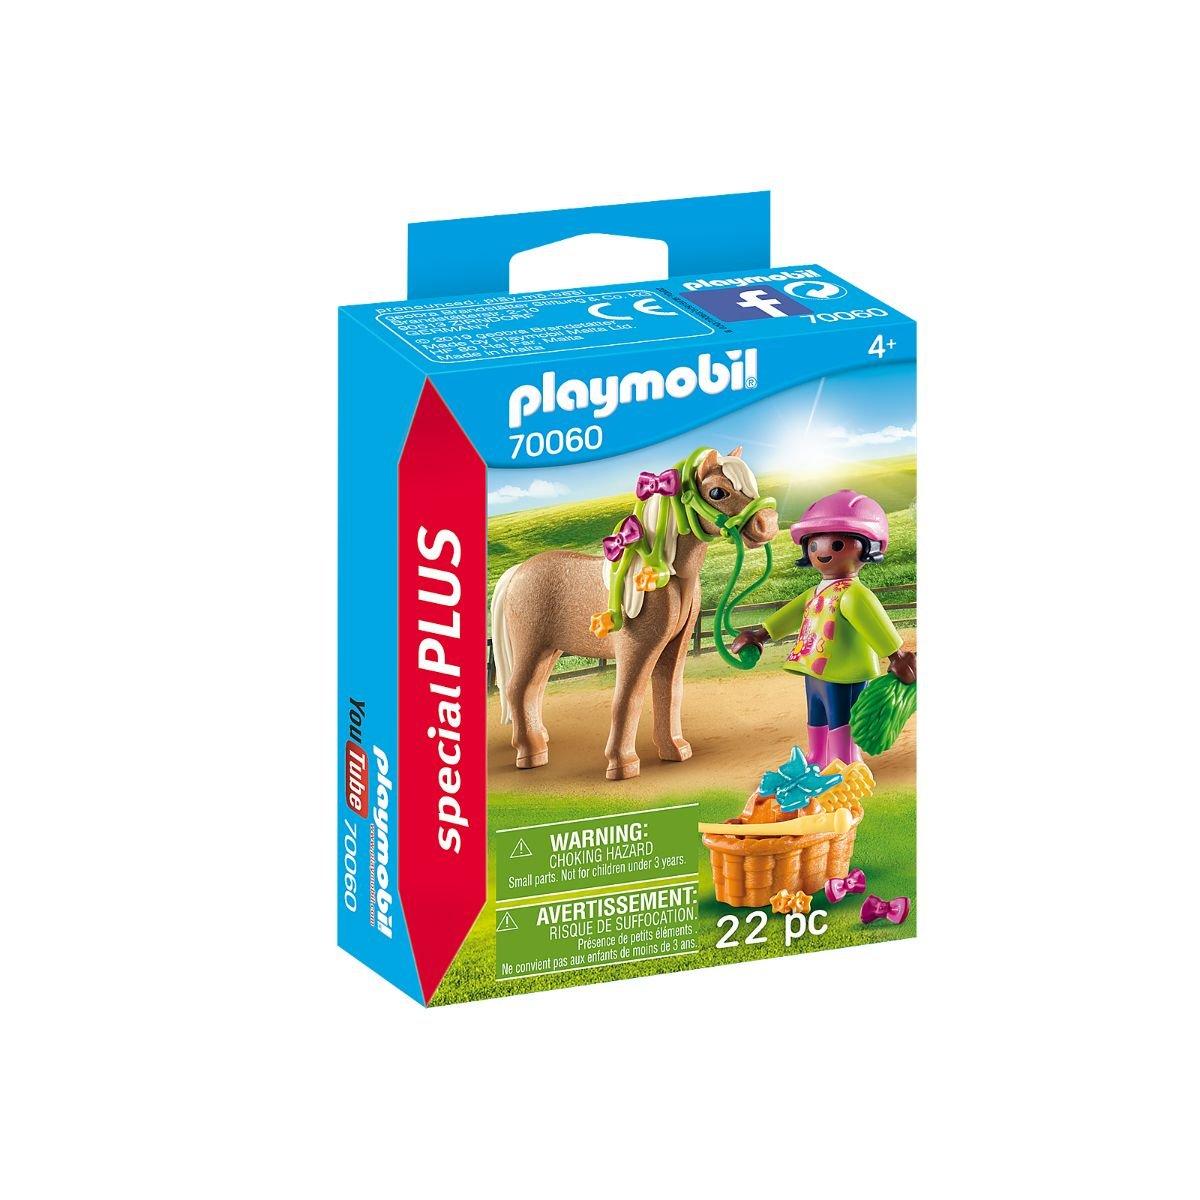 Set Playmobil Figures Special Plus - Figurina fetita cu ponei